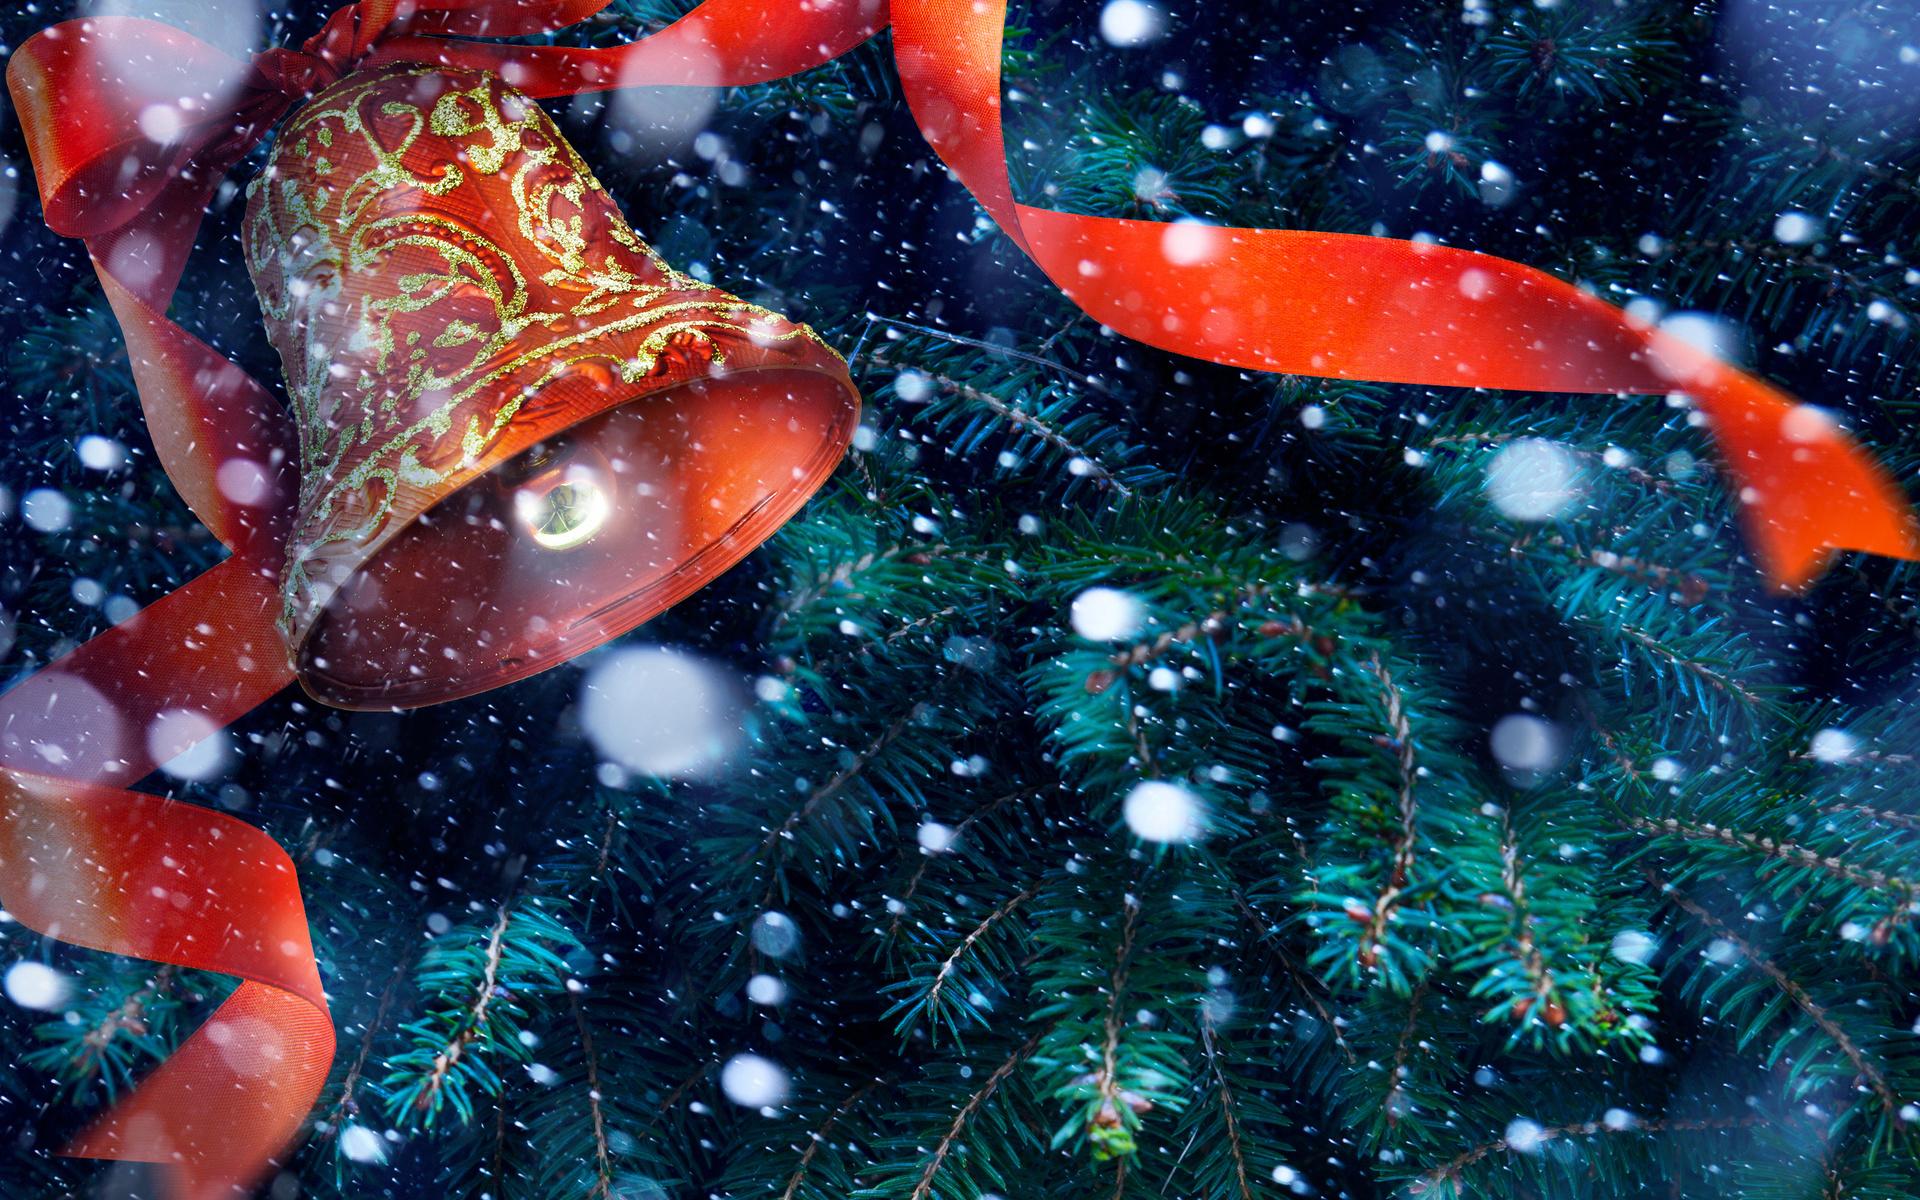 может вовсе новогодняя феерия картинки к новому году леотта очень дружелюбный